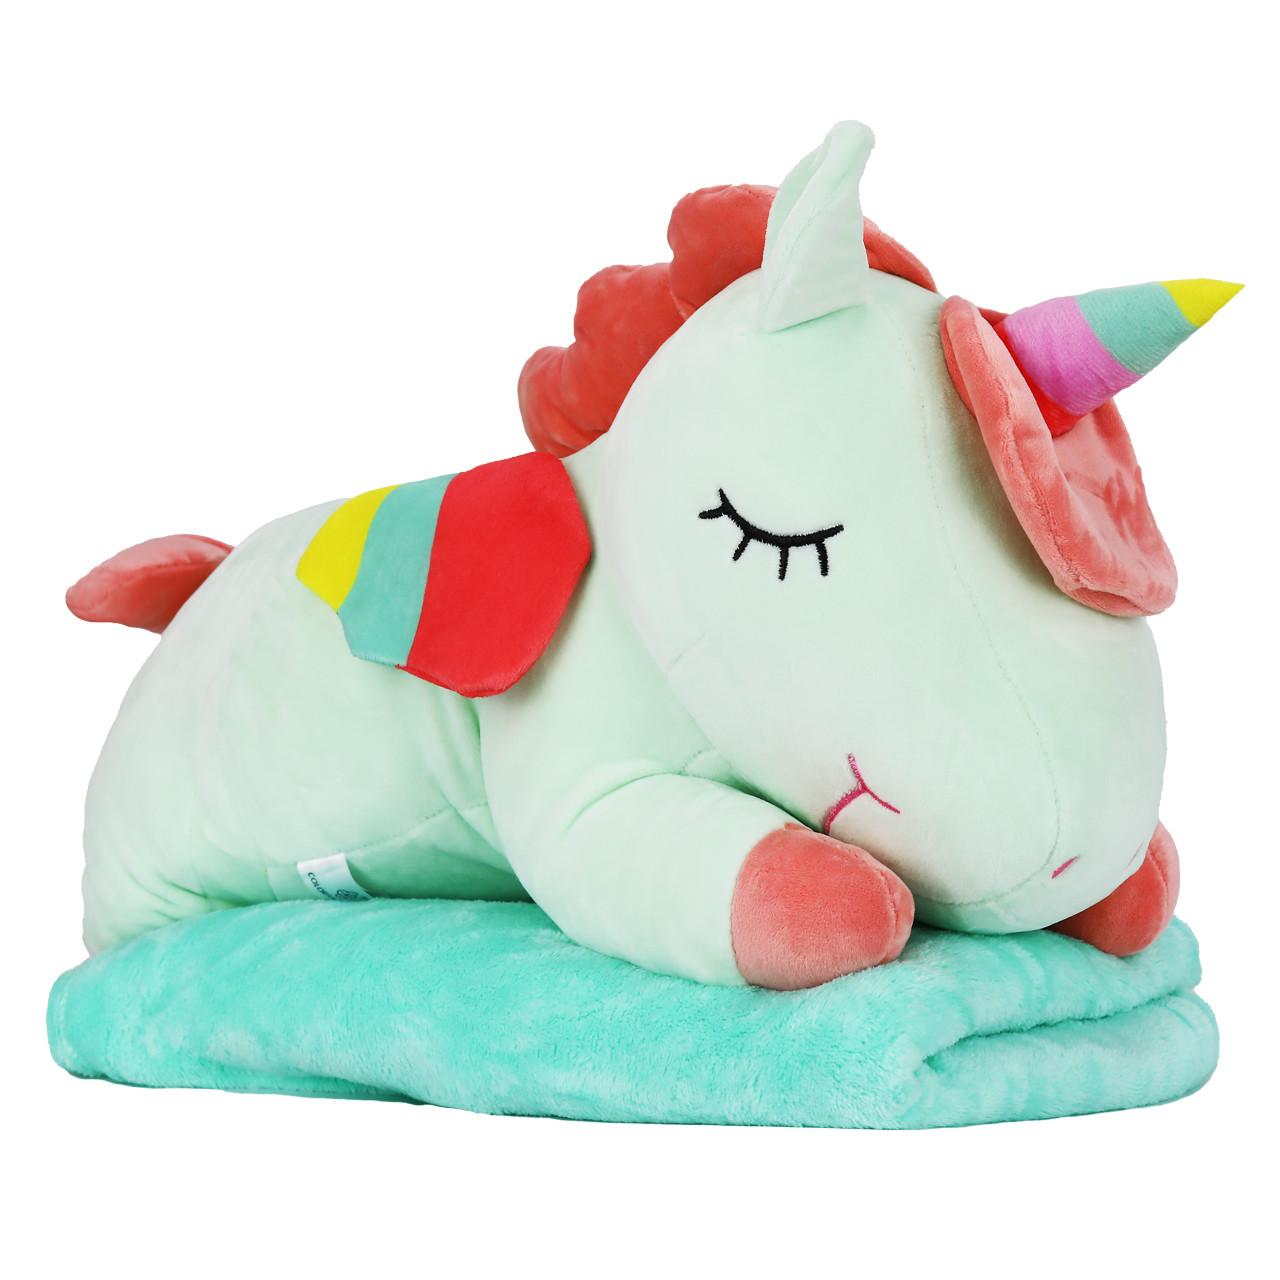 Игрушка подушка плед мятный Единорог, плюшевая декоративная подушка-плед 3в1